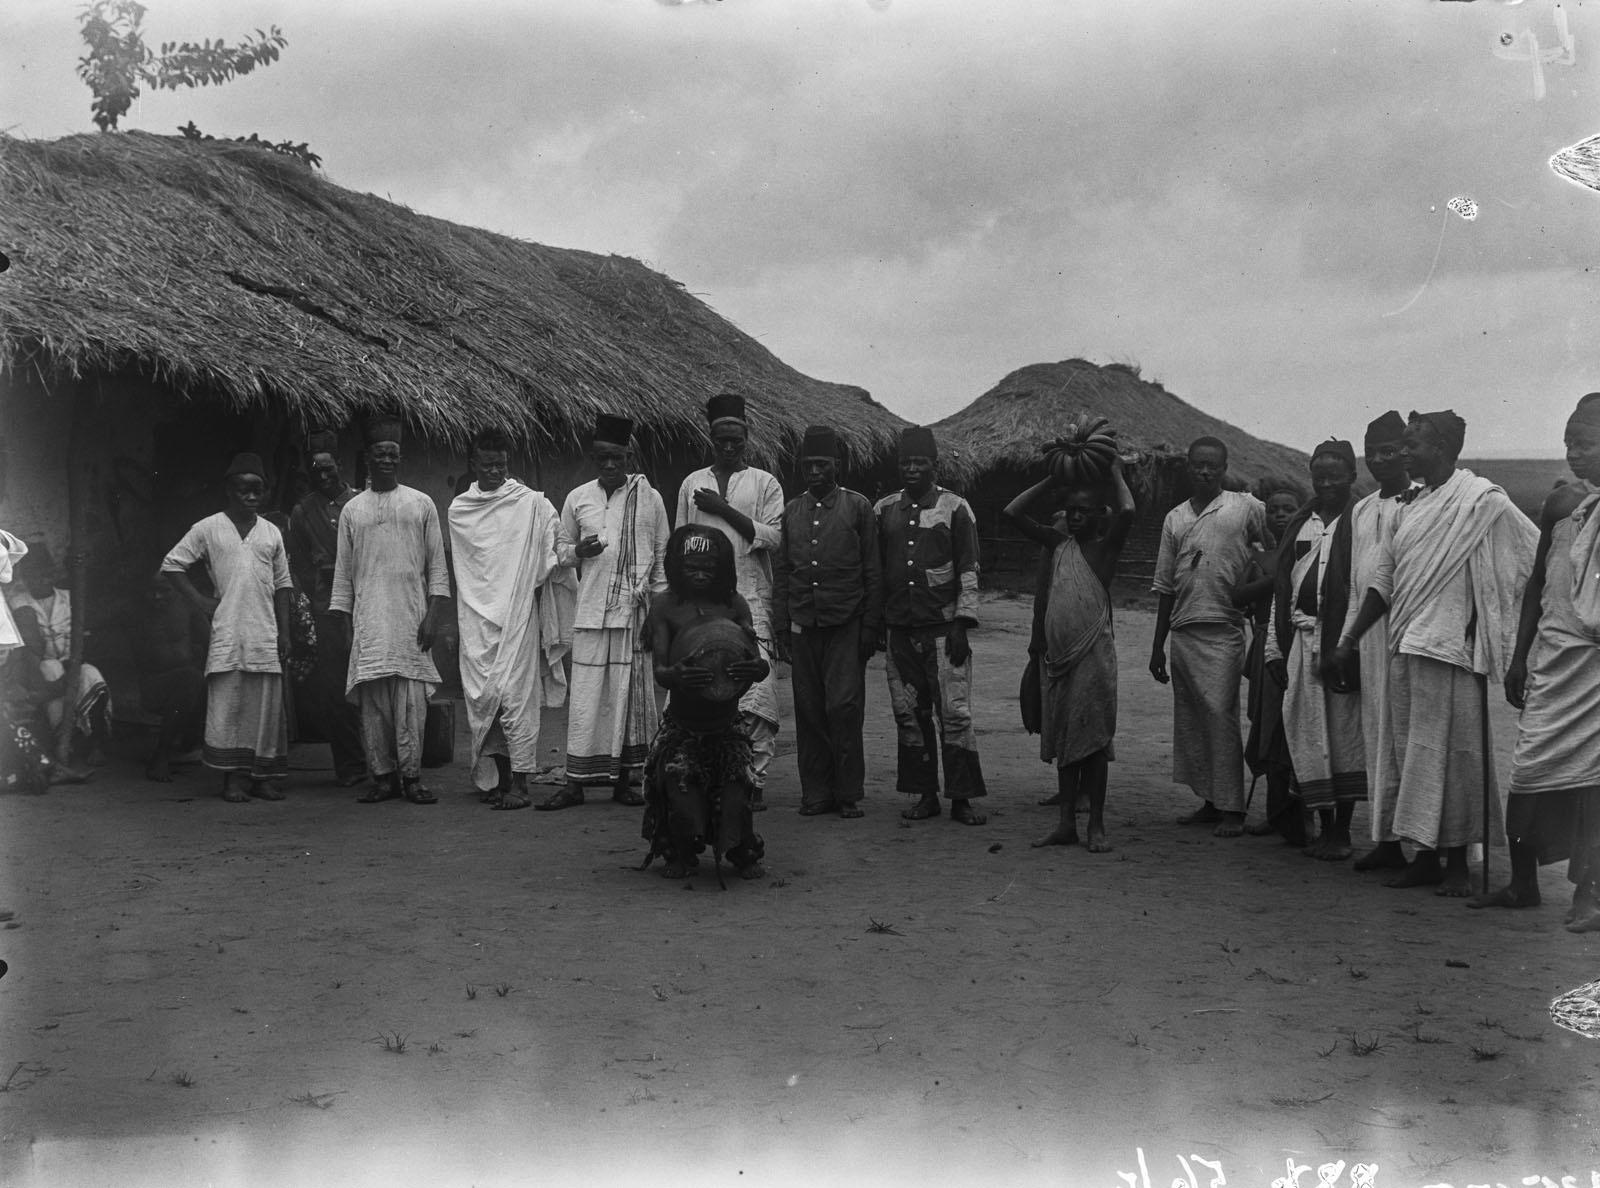 07. Портрет группы мужчин и танцора в Северном Киву